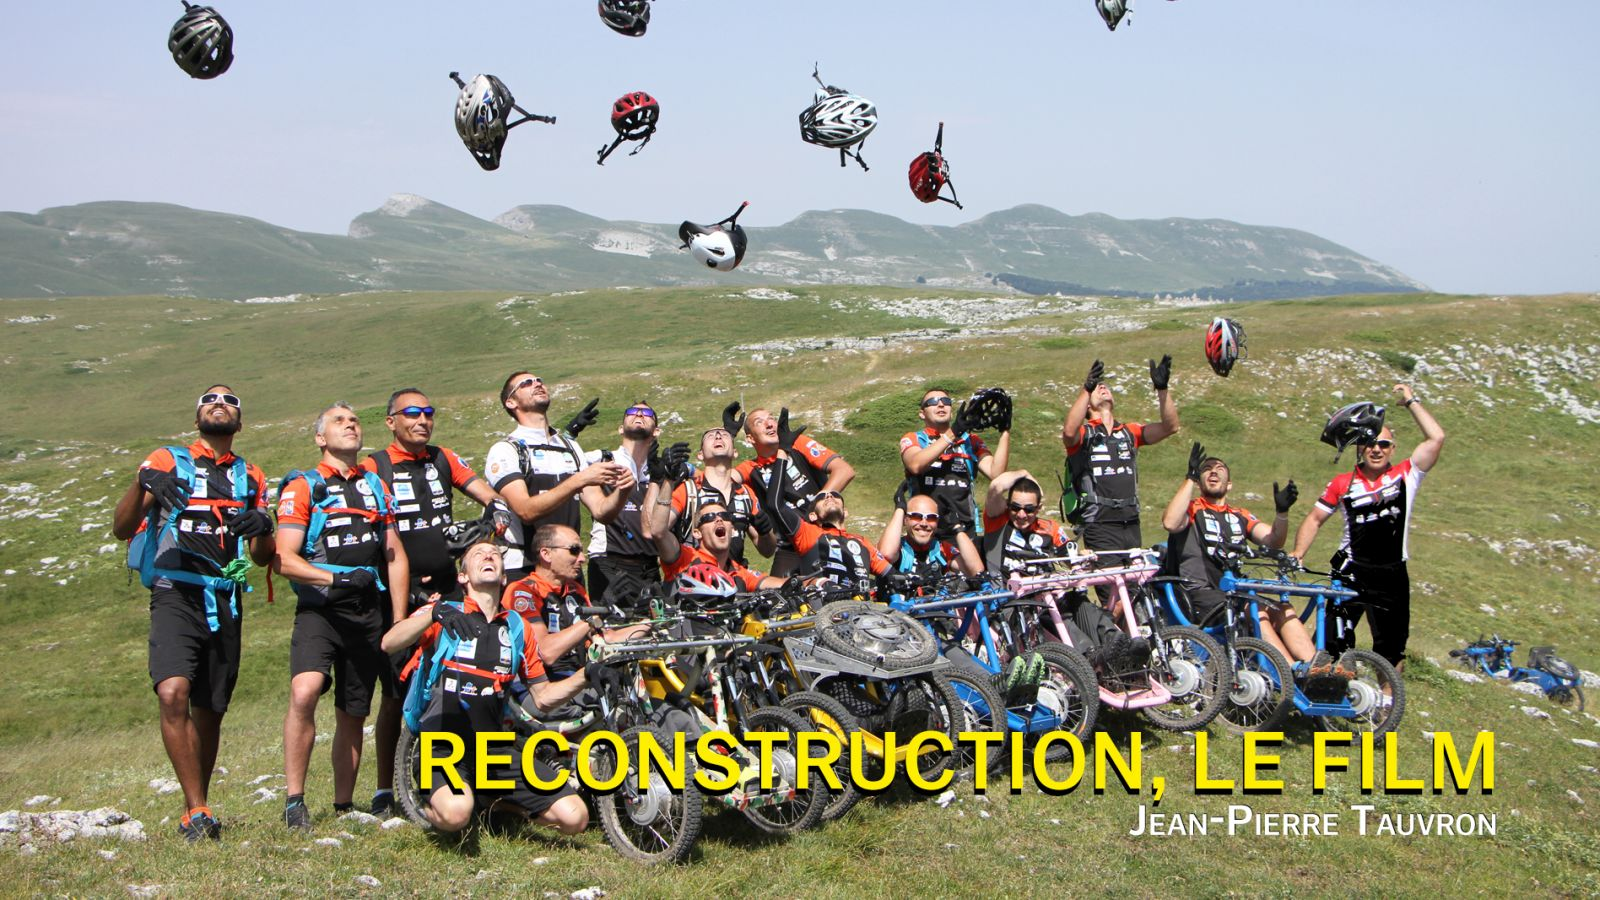 Reconstruction, le film. Jean Pierre Tauvron